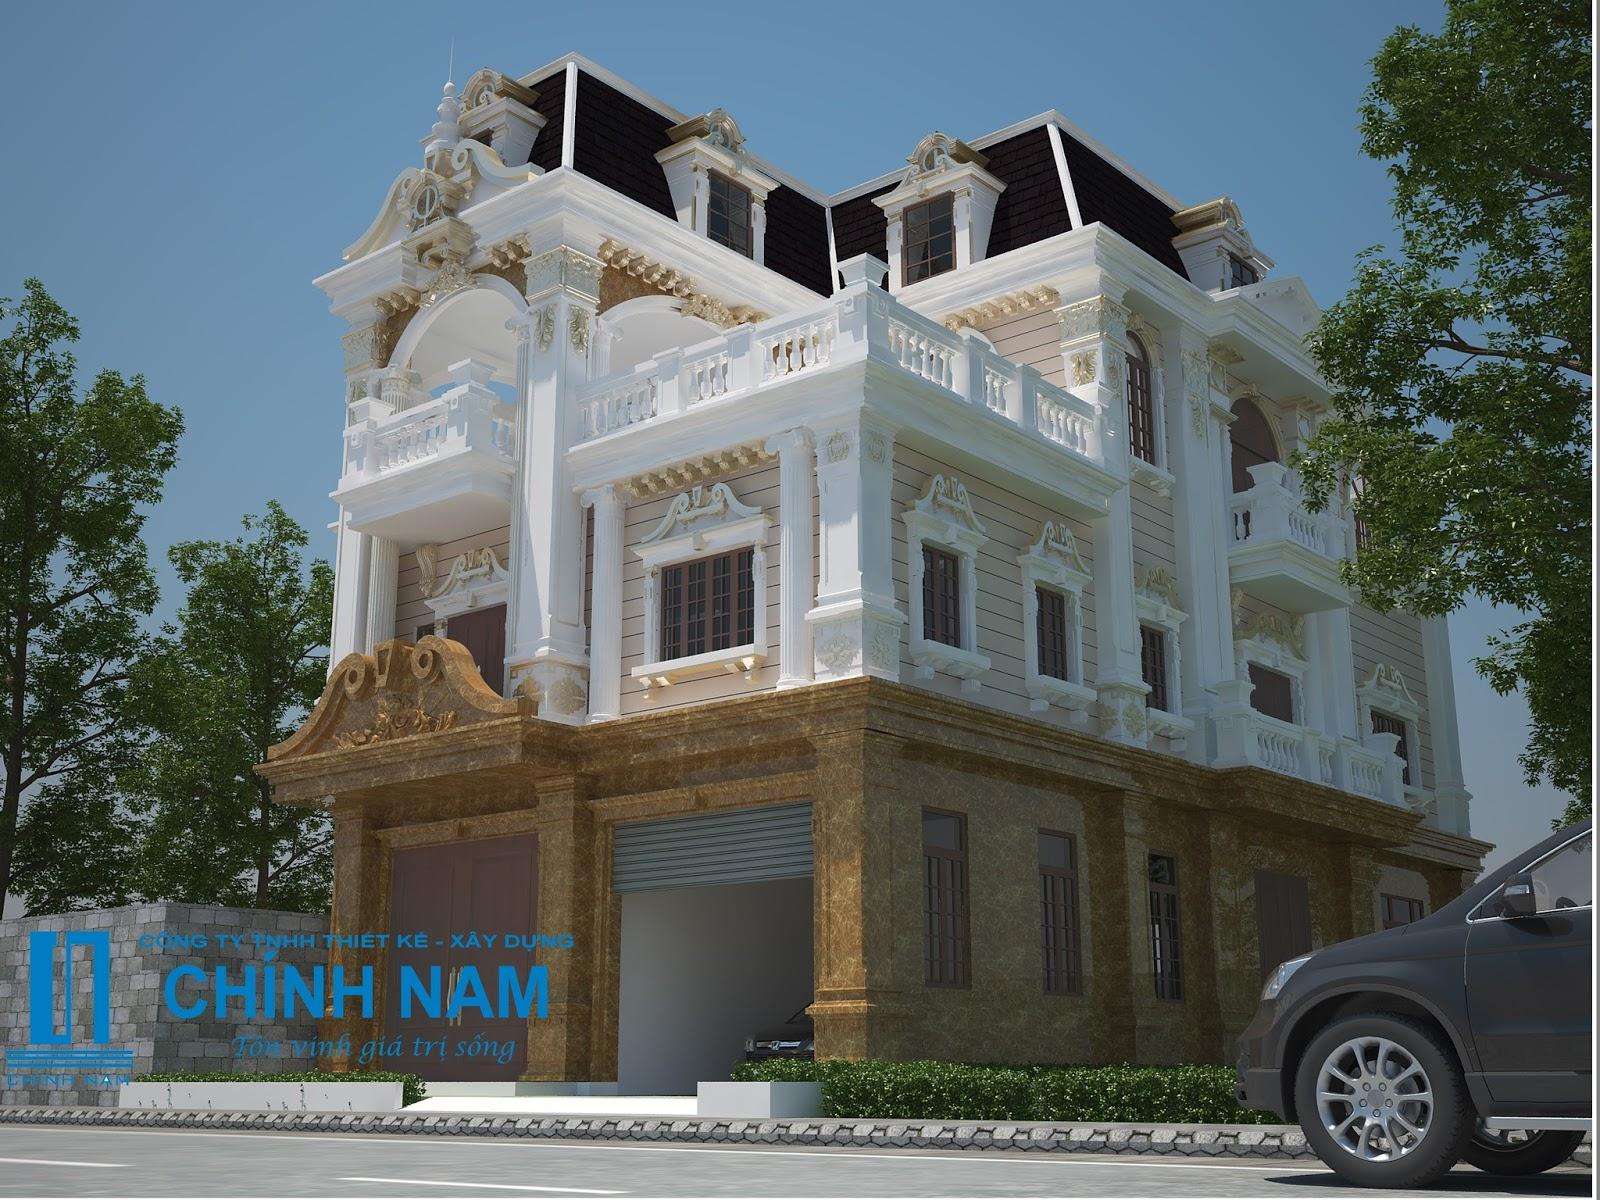 thi công xây dựng biệt thự đẹp Biên Hòa Đồng Nai